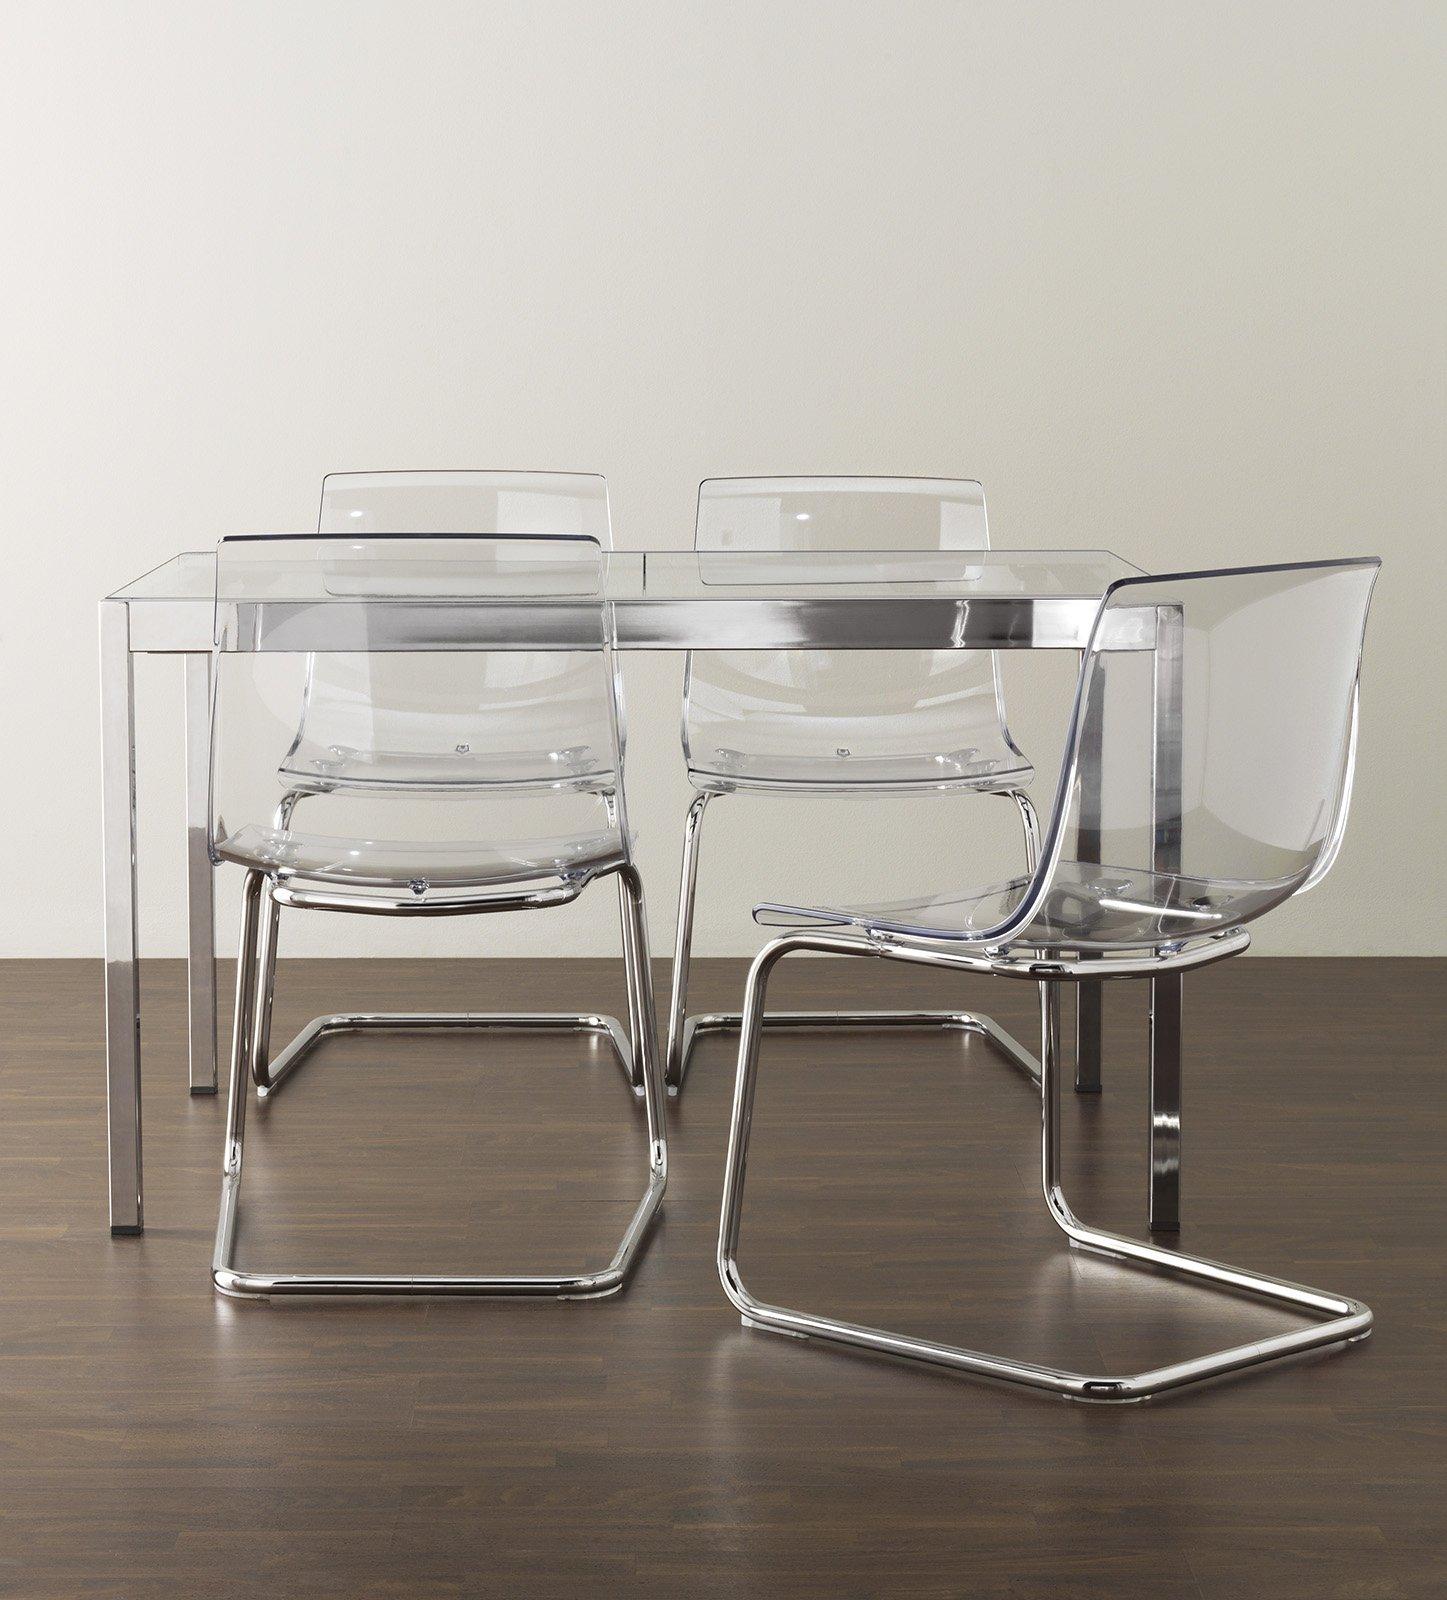 Ikea tobias sedie trasparenti cose di casa - Sedie cucina ikea ...